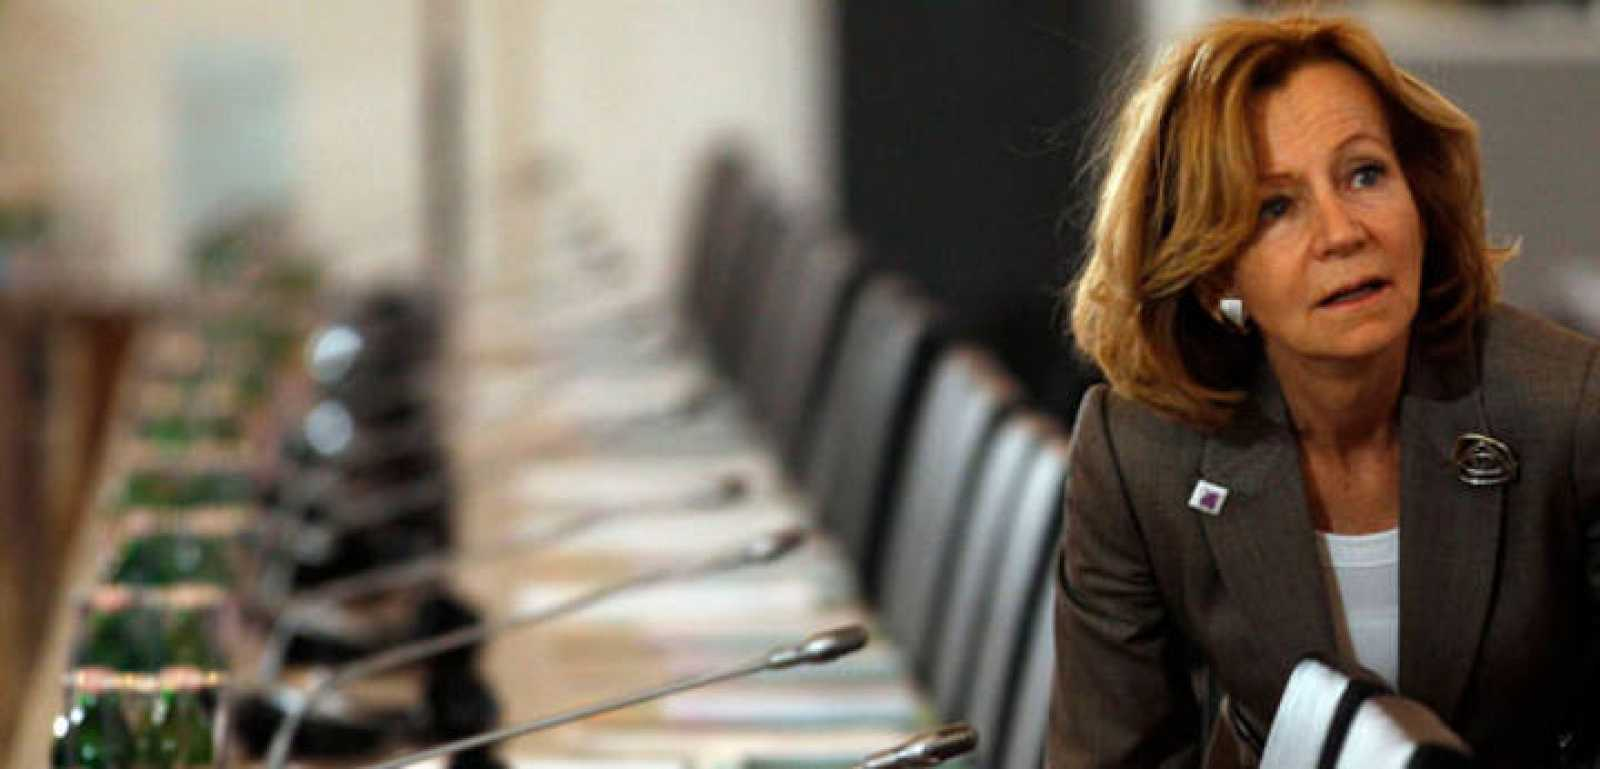 La ministra de Economía, Elena Salgado, a su llegada a la reunión de ministros de Finanzas europeos, en Hungría, este 9 de abril.